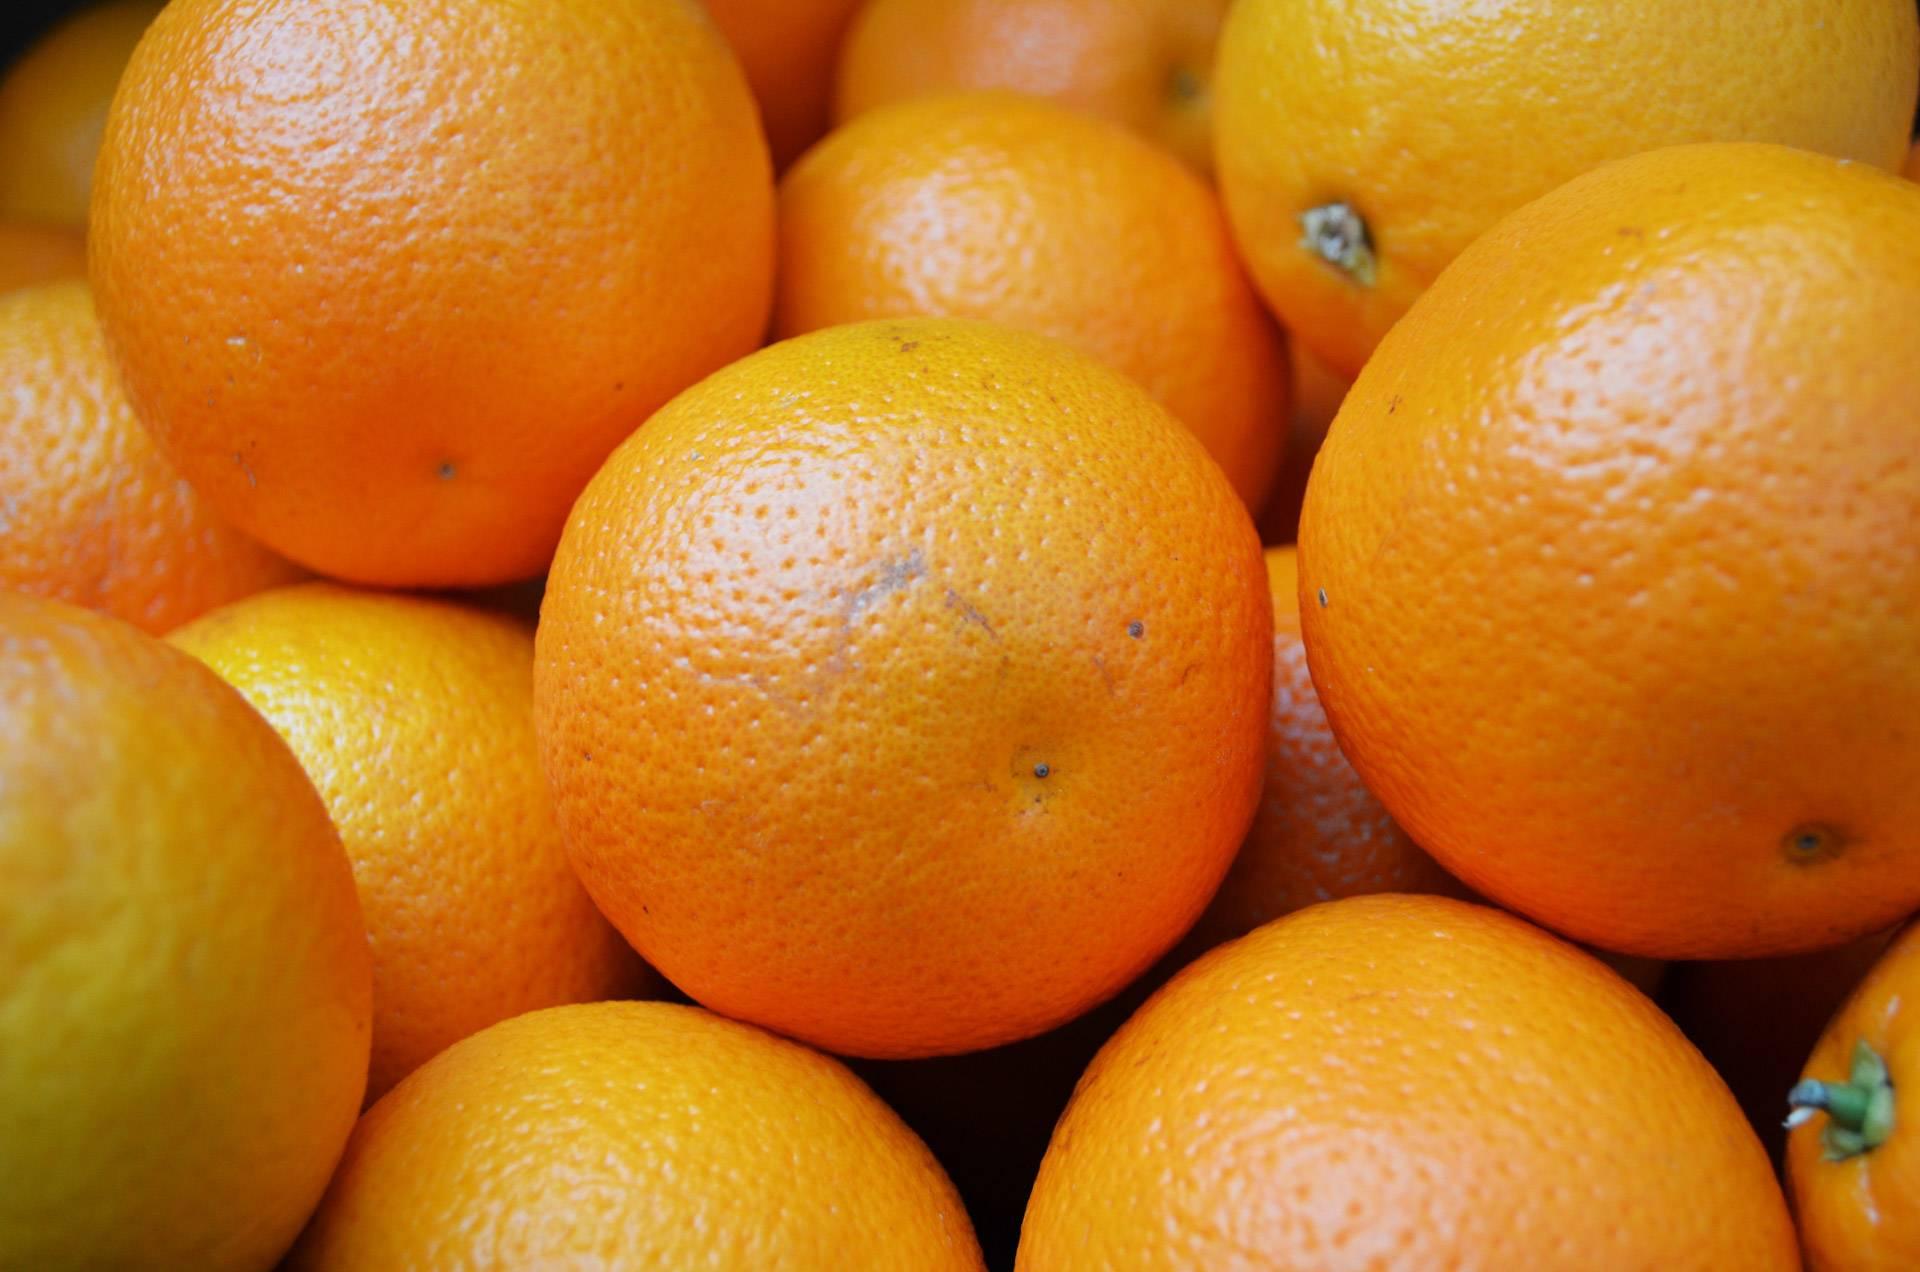 Cáncer: Las naranjas, uvas y zanahorias contienen compuestos que combaten esta enfermedad